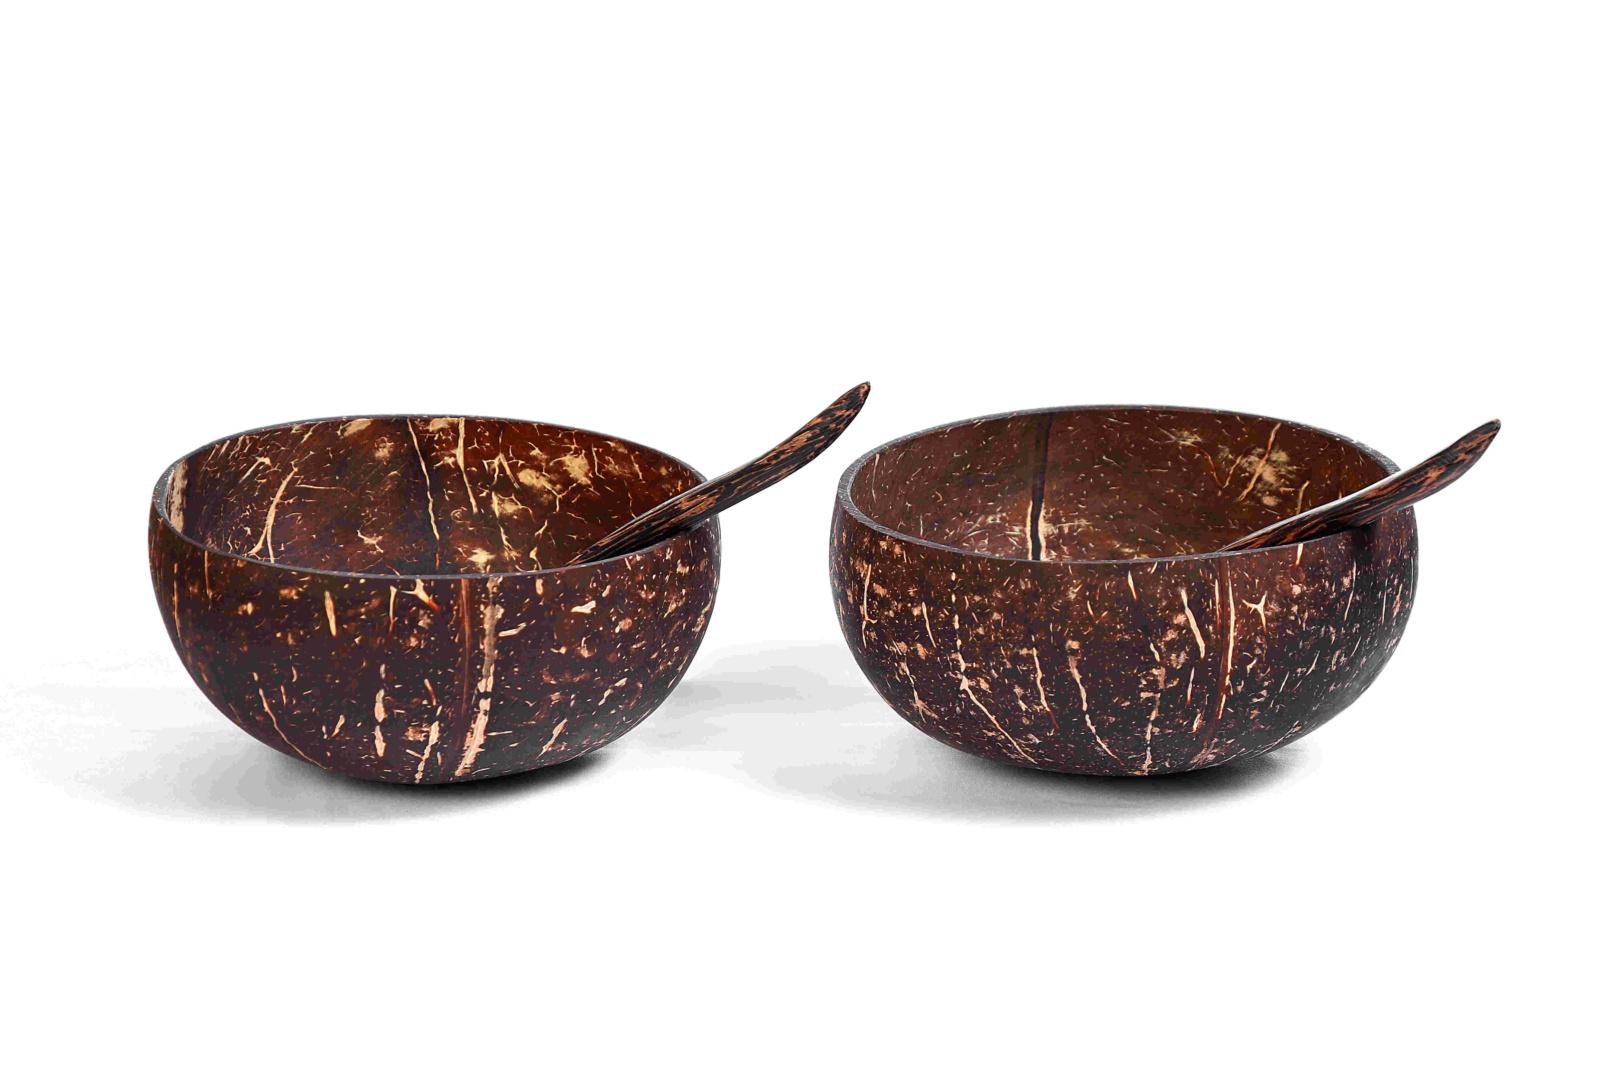 deux bols noix de coco avec cuillère en bois